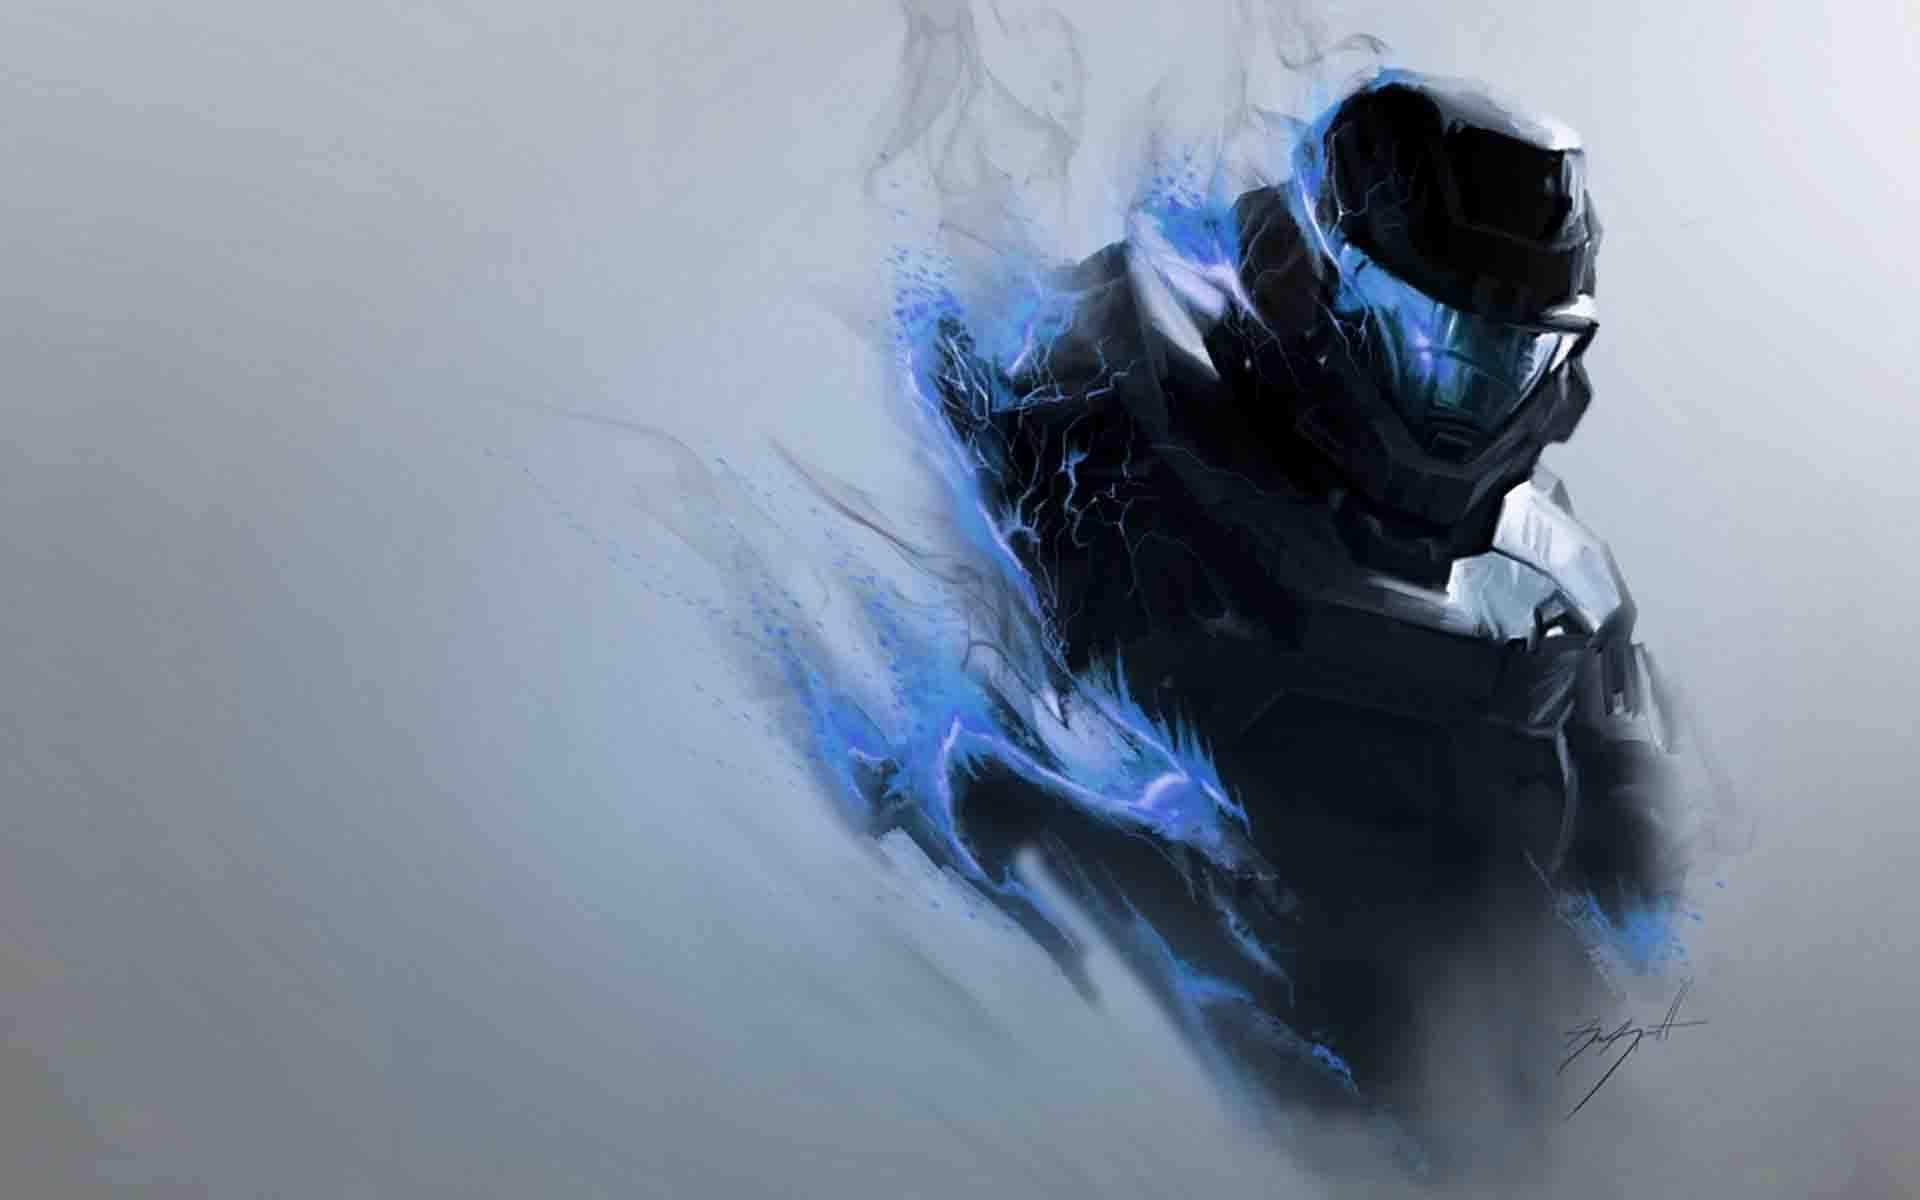 Halo Effect Hd Wallpaper Hd Wallpaper Wallpaper Halo